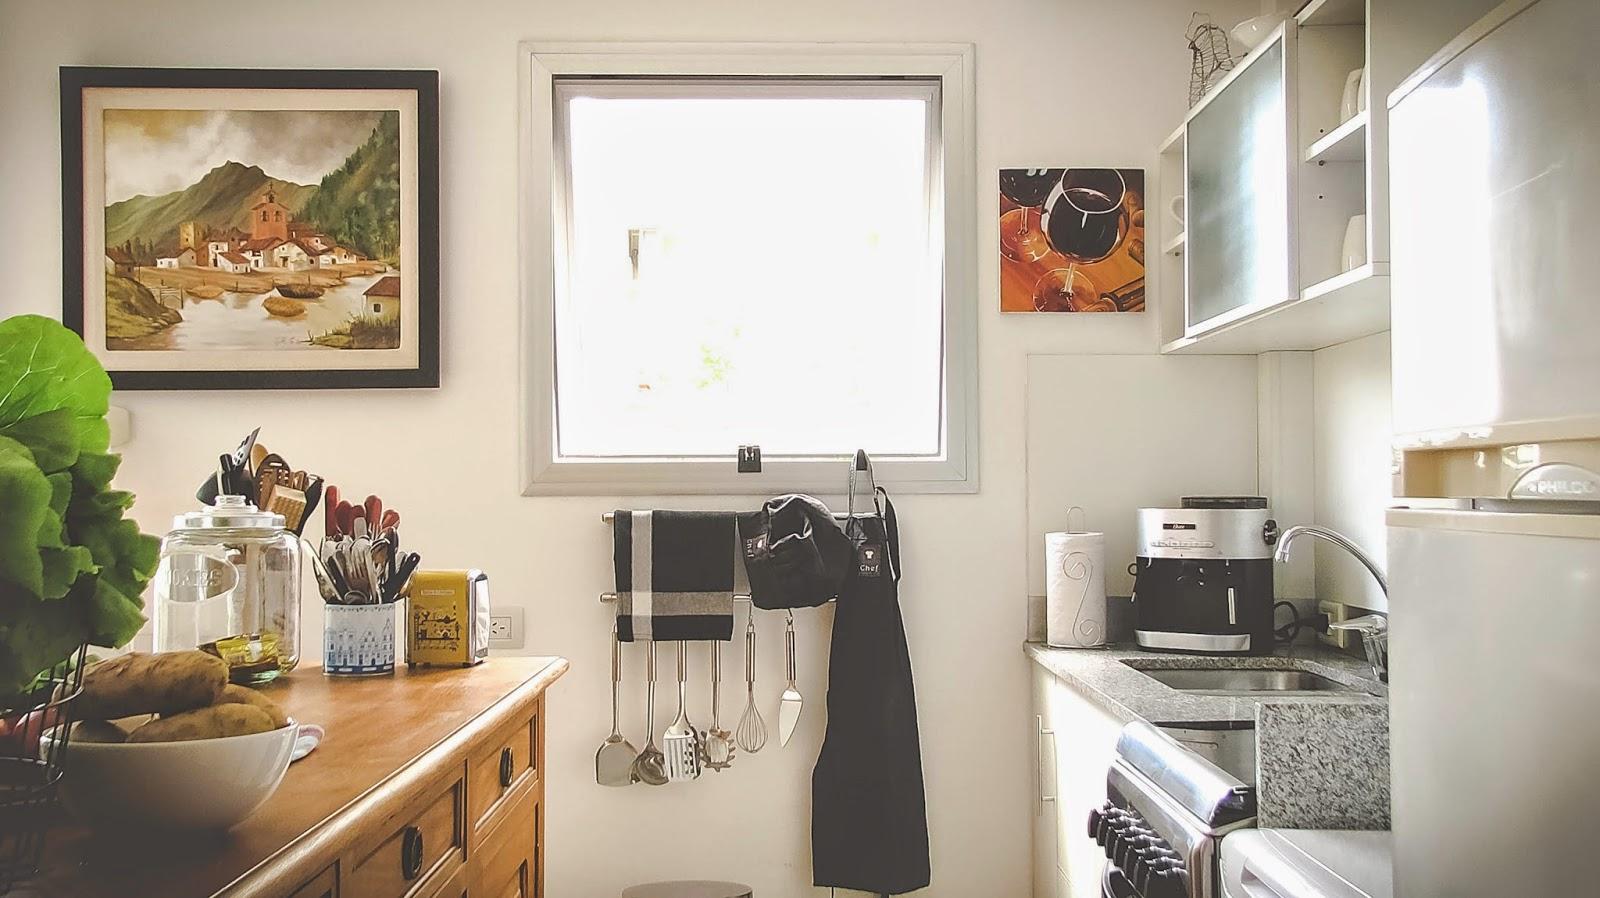 Platz la casa del a o mi cocina - Planificar una cocina ...